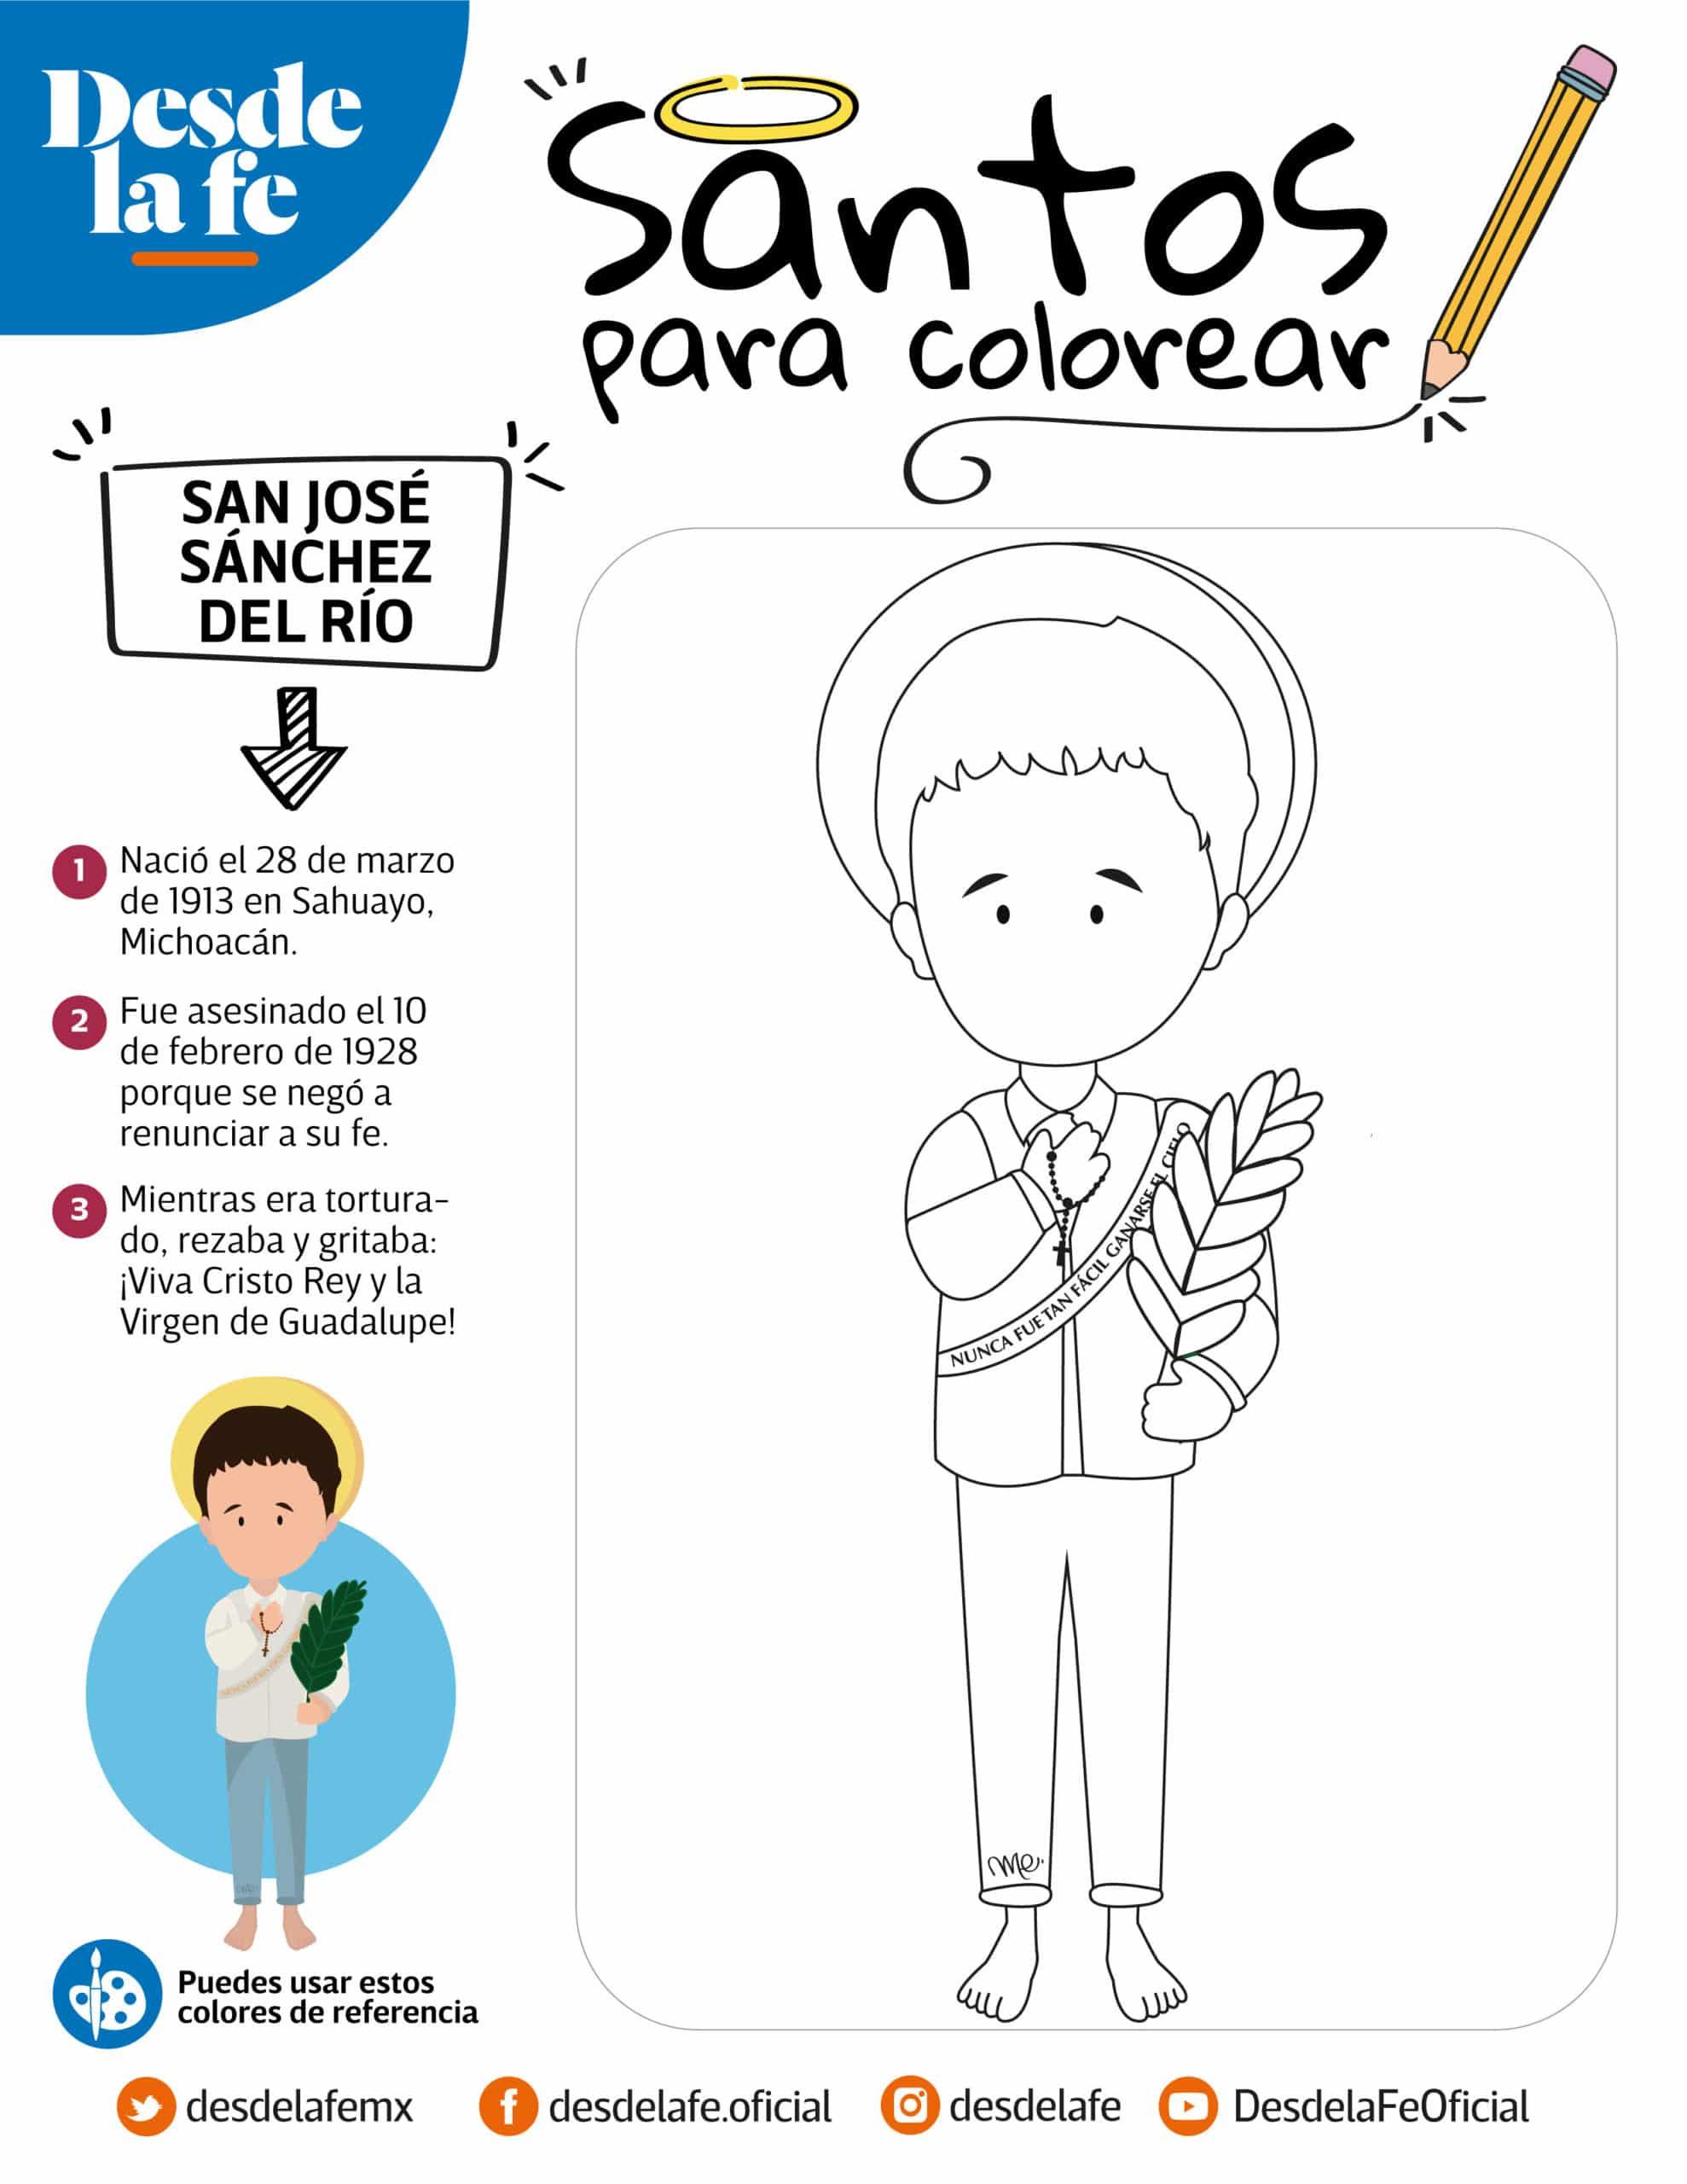 San José Sánchez del Río, San Joselito, dibujo para colorear.